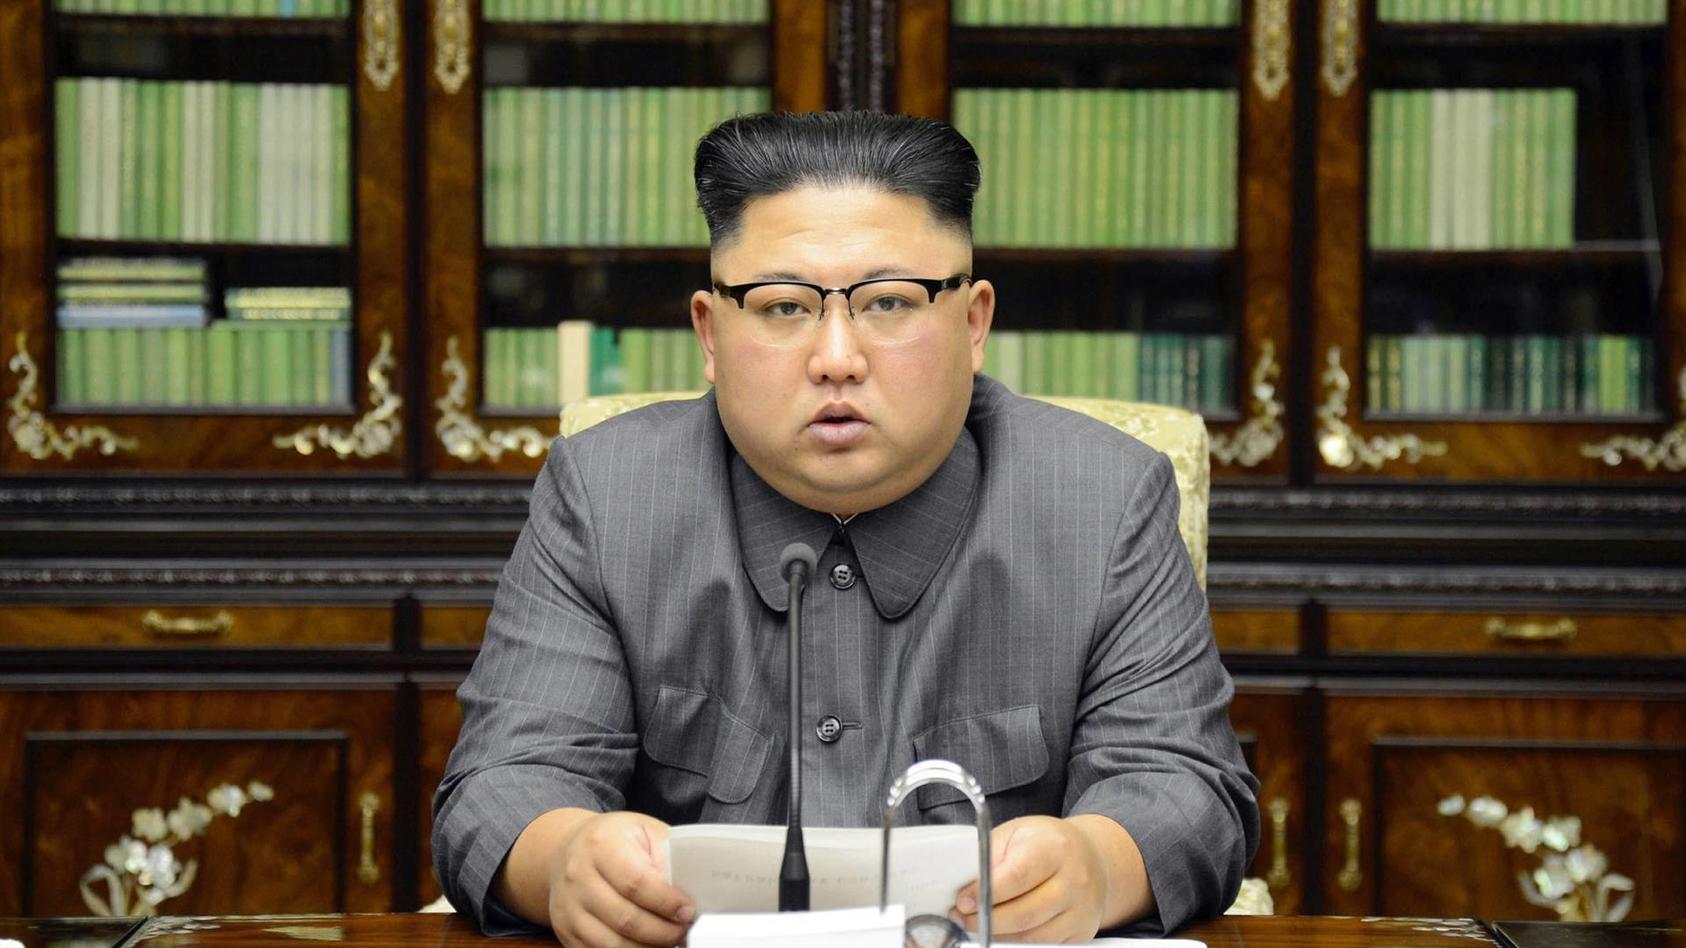 Nordkoreas Machthaber Kim Jong Un - Ist eine Deeskalation möglich?